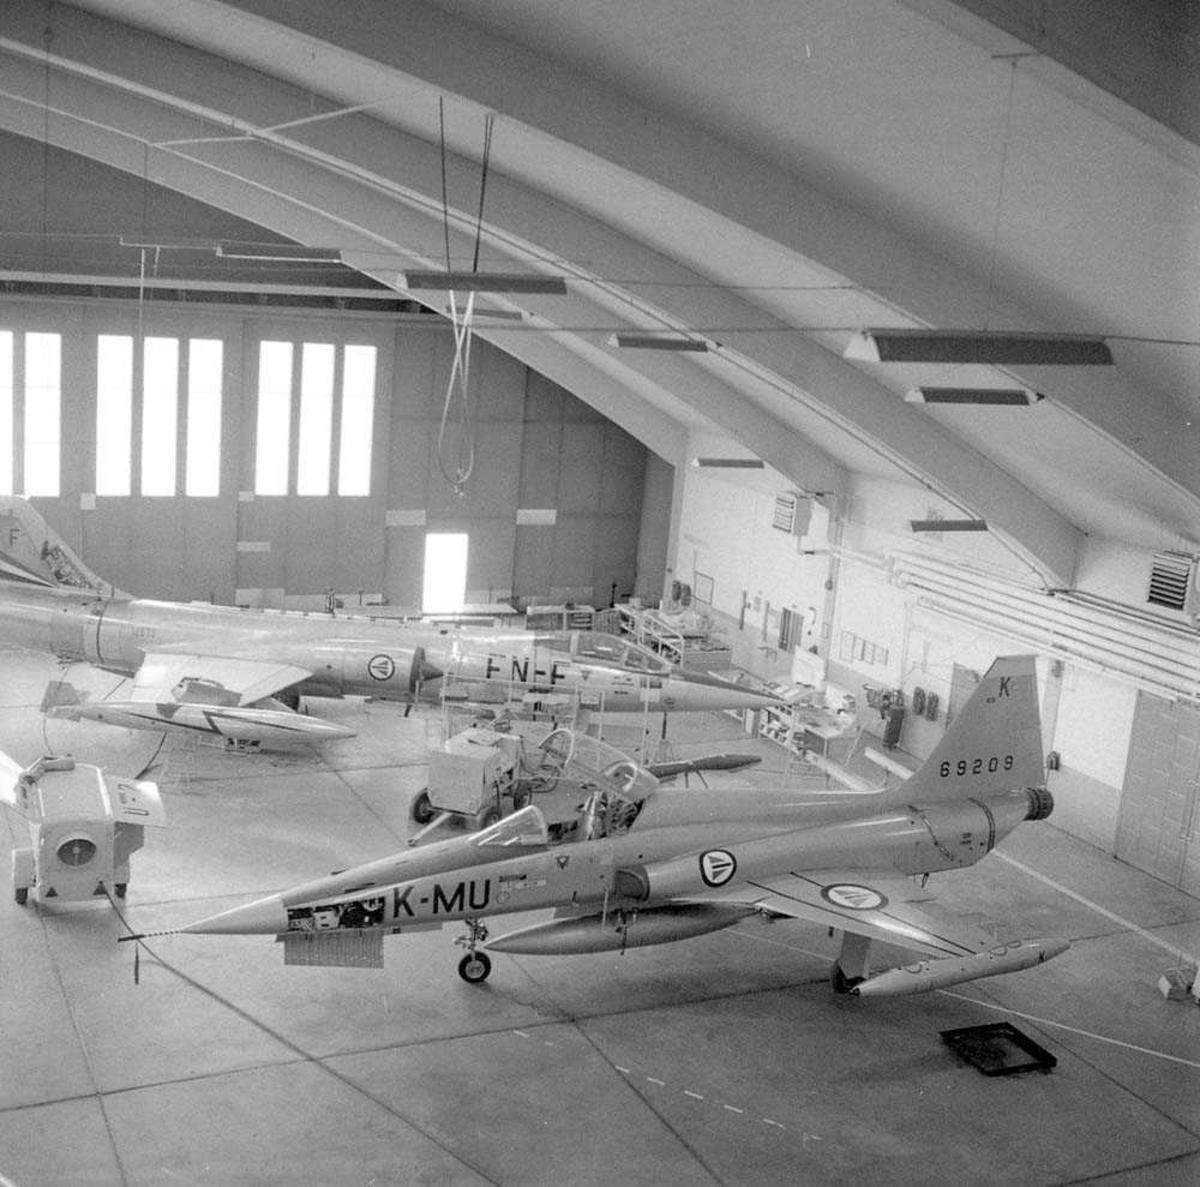 Her i Hangar A sees den første Freedomsfighter F-5-A som er til ettersyn på Bodø flystasjon. Jagerflyet har kjennetegn MU-K og serie nr. 69209. I bakgrunnen sees en  F-104-G Starfighter med kjennetegn FN-F og serie nr. 12630.